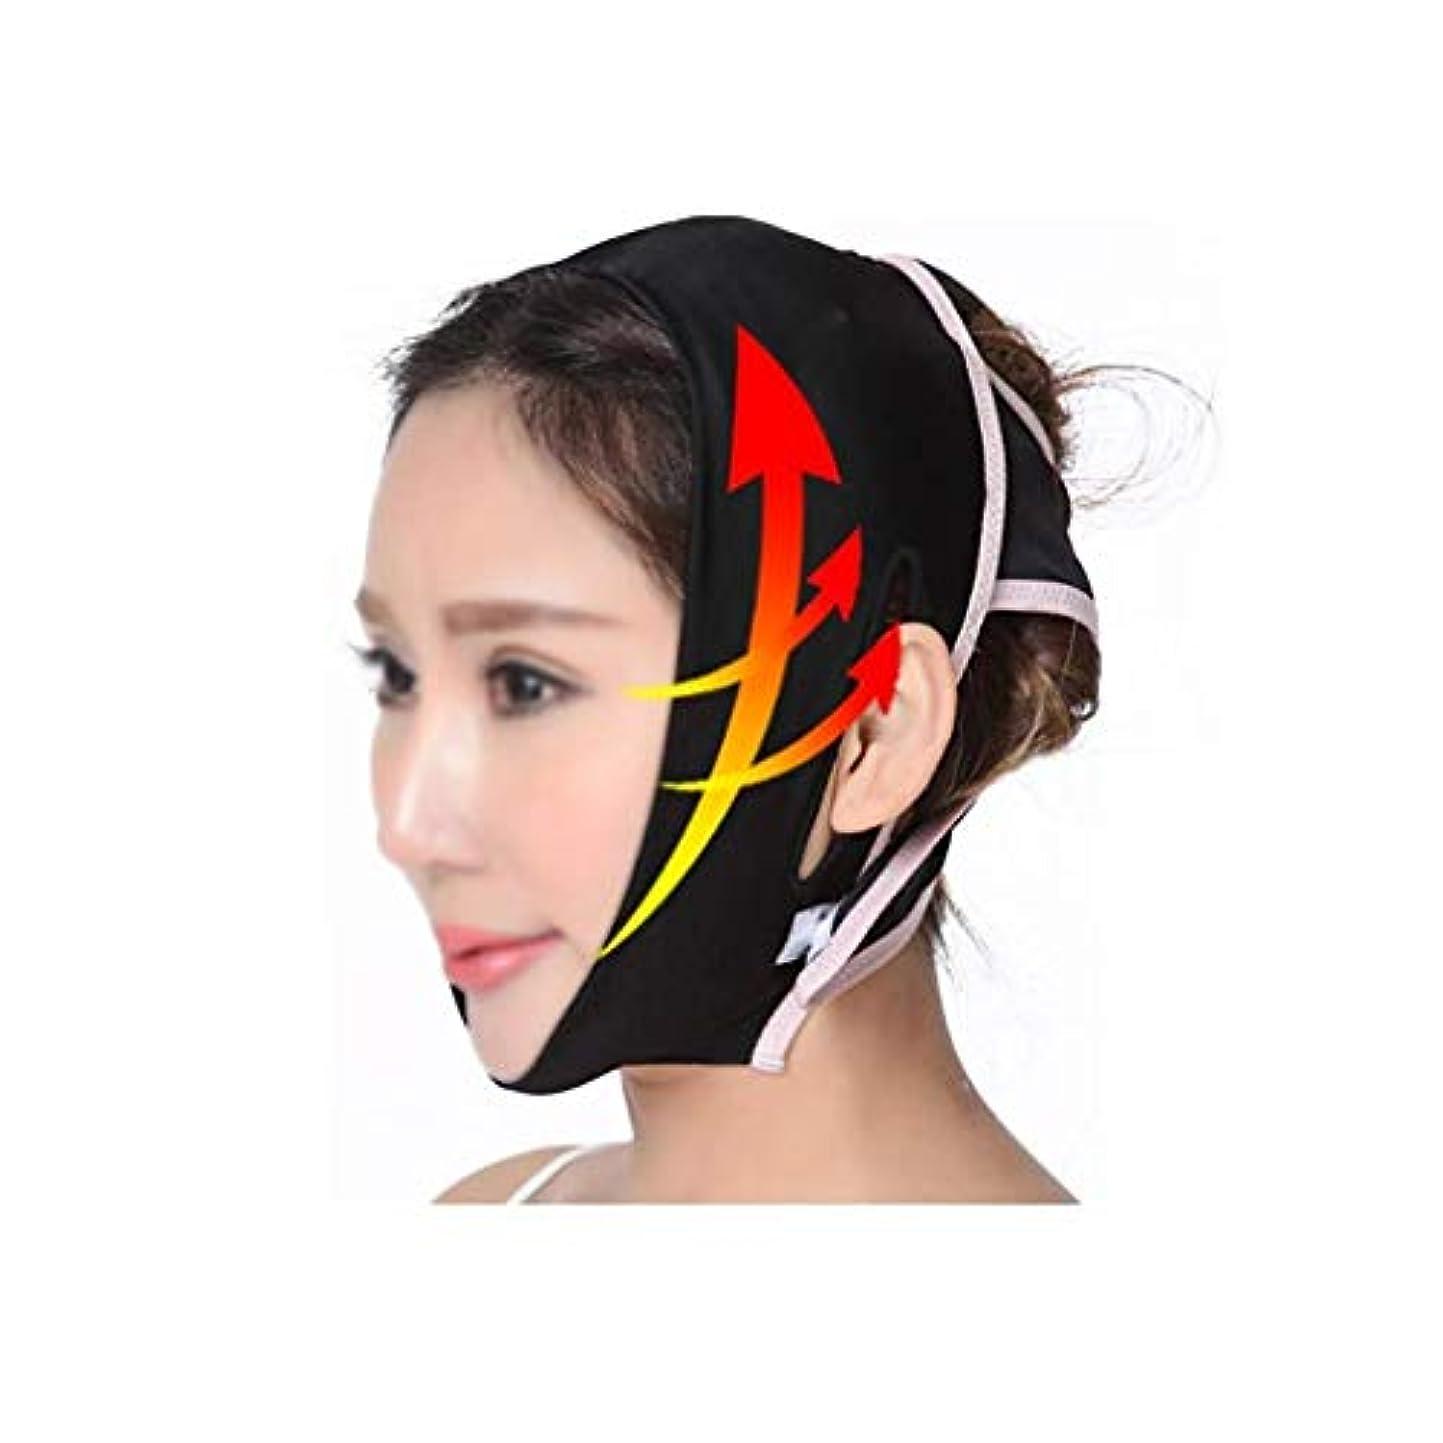 桁プランテーション静的フェイスリフトマスク、フェイシャルマスク睡眠顔整形顔包帯顔リフティングV顔顔アーティファクト回復通気性ネックストラップ(サイズ:M)